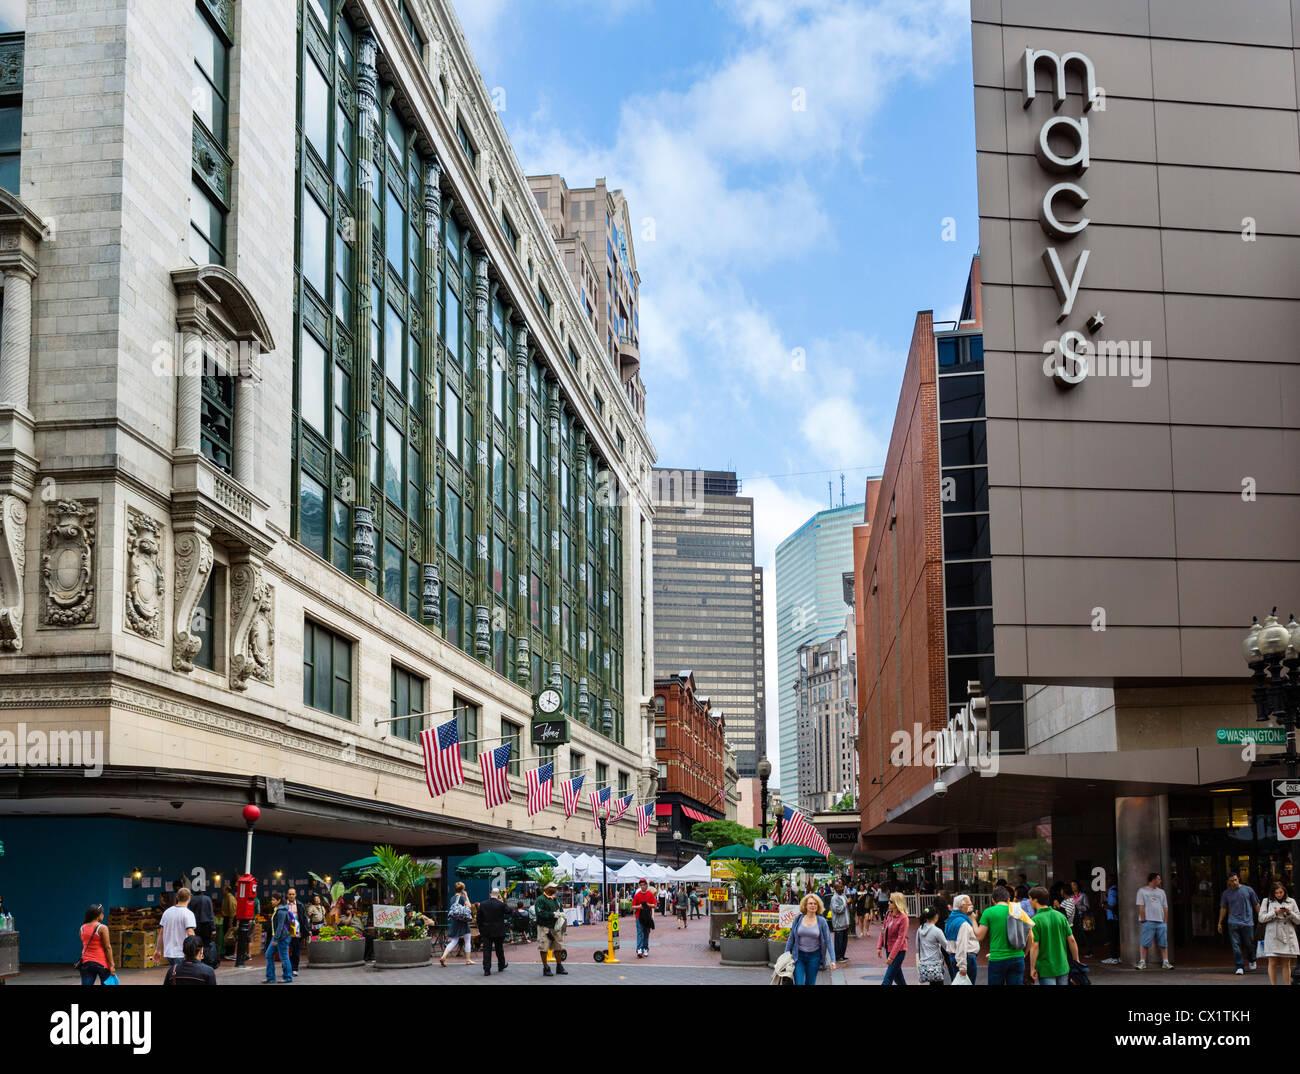 Tiendas en la calle Washington mirando hacia Summer Street en el centro de la ciudad, Boston, Massachusetts, EE.UU. Imagen De Stock